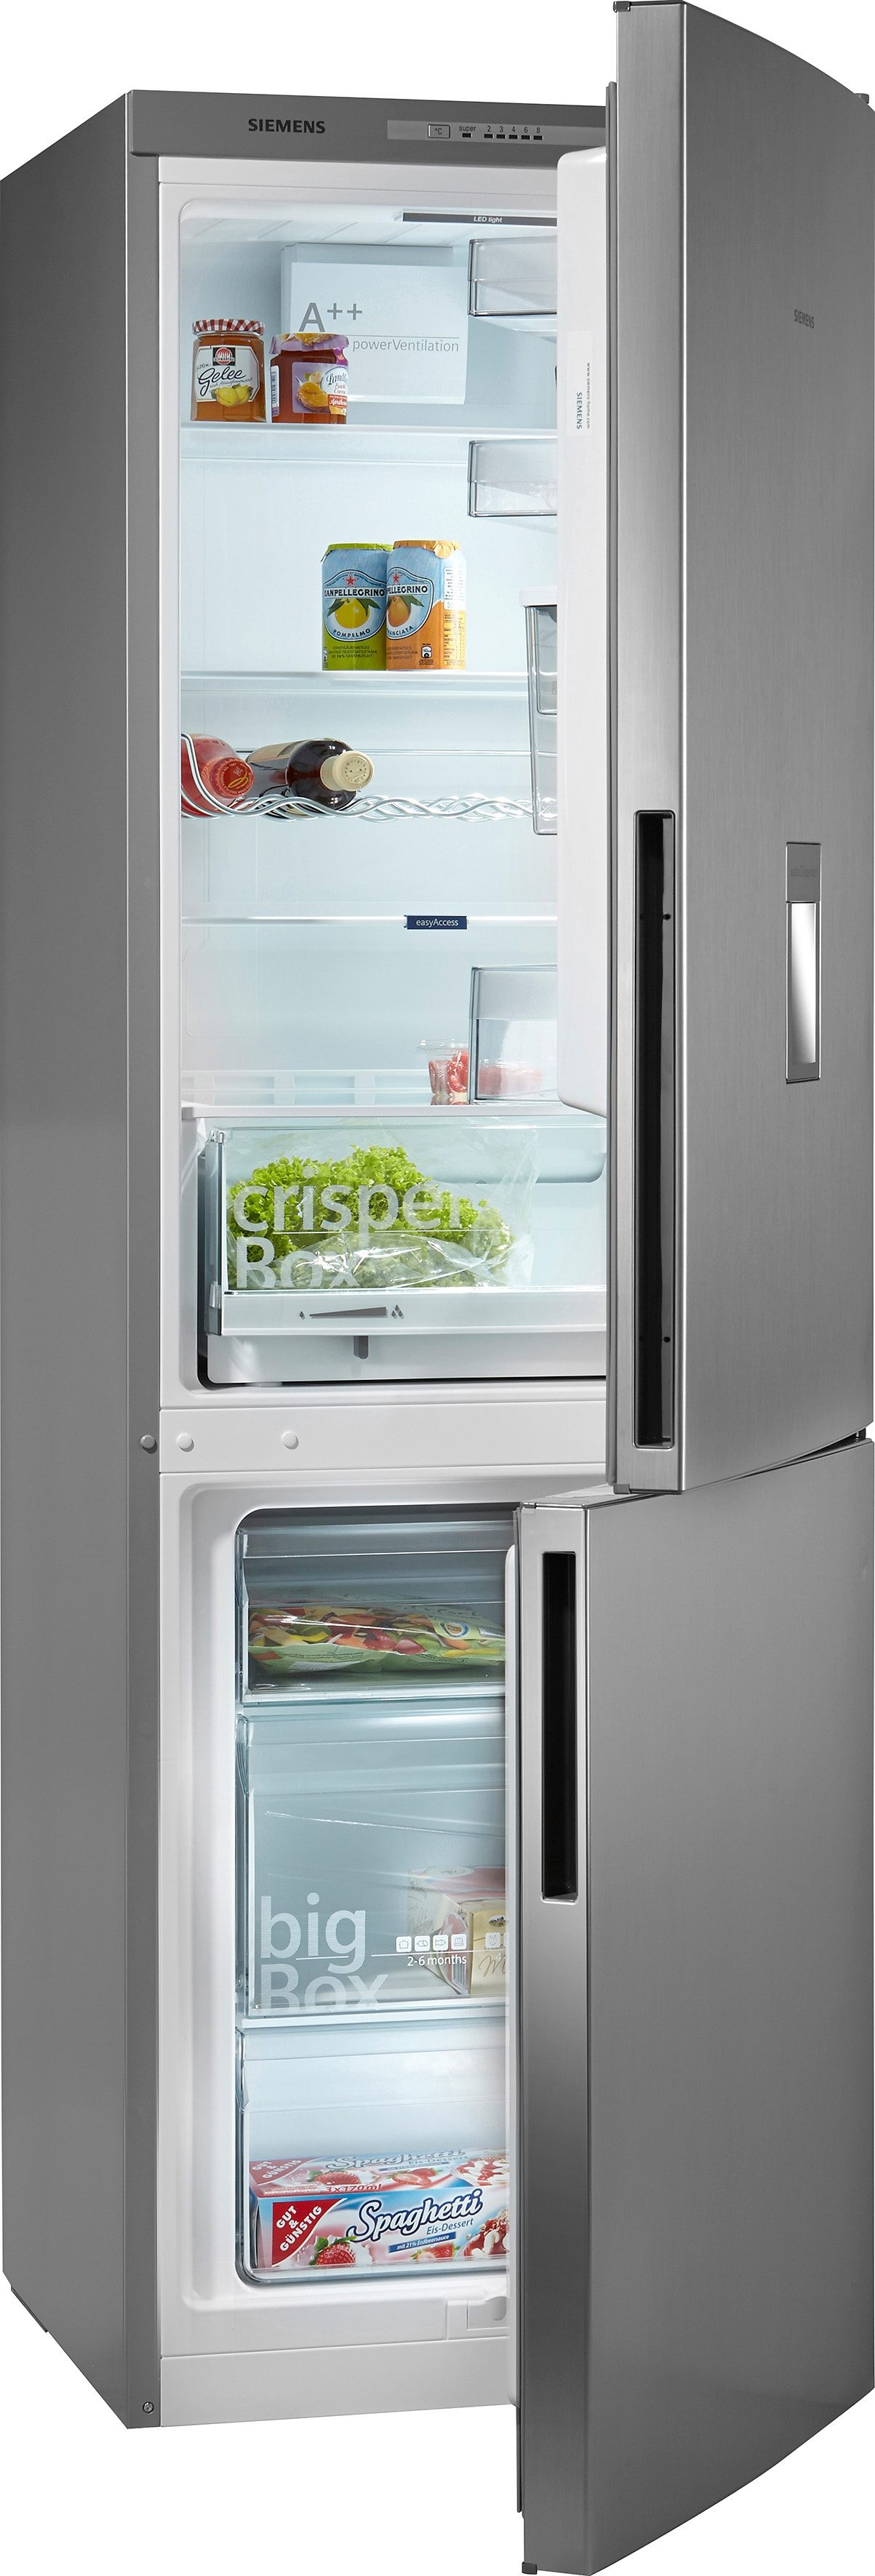 Siemens Kühl-Gefrierkombination KG36WXL30S, A++, 186 cm hoch, mit Wasserspender